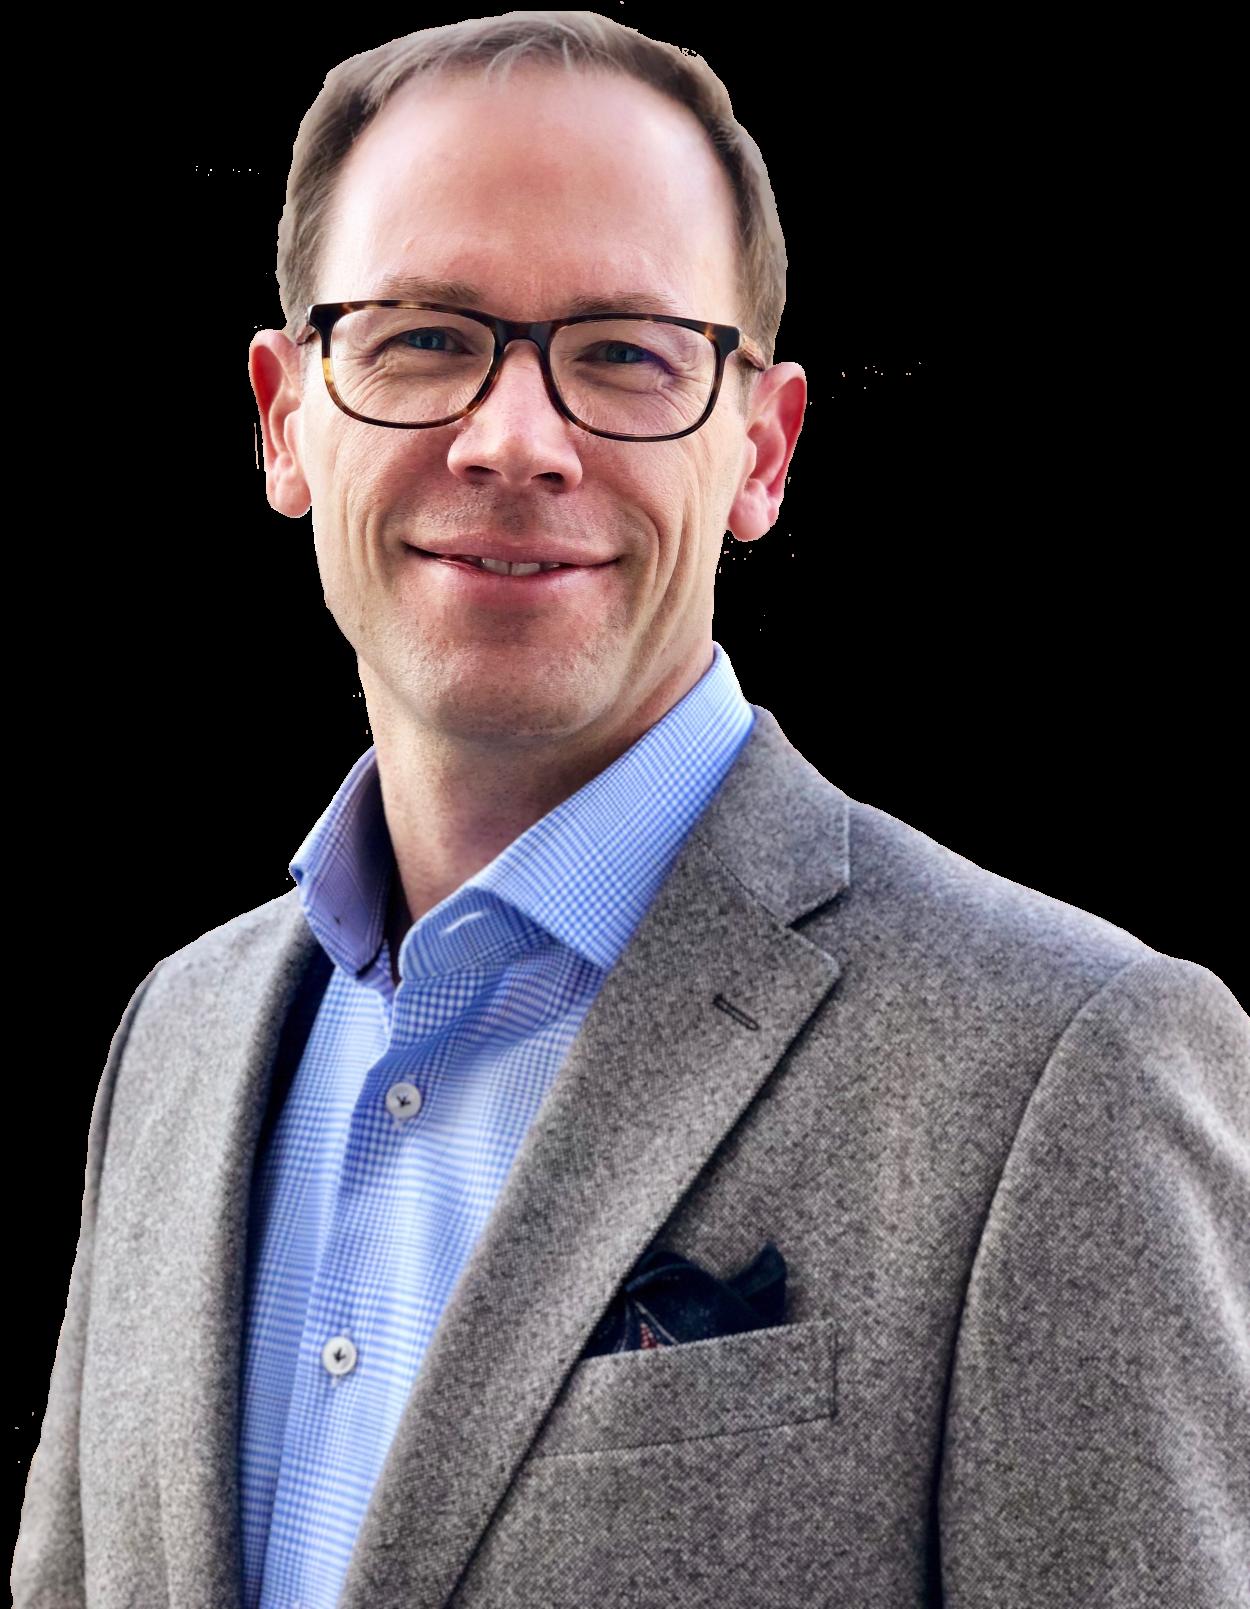 Florian Breger